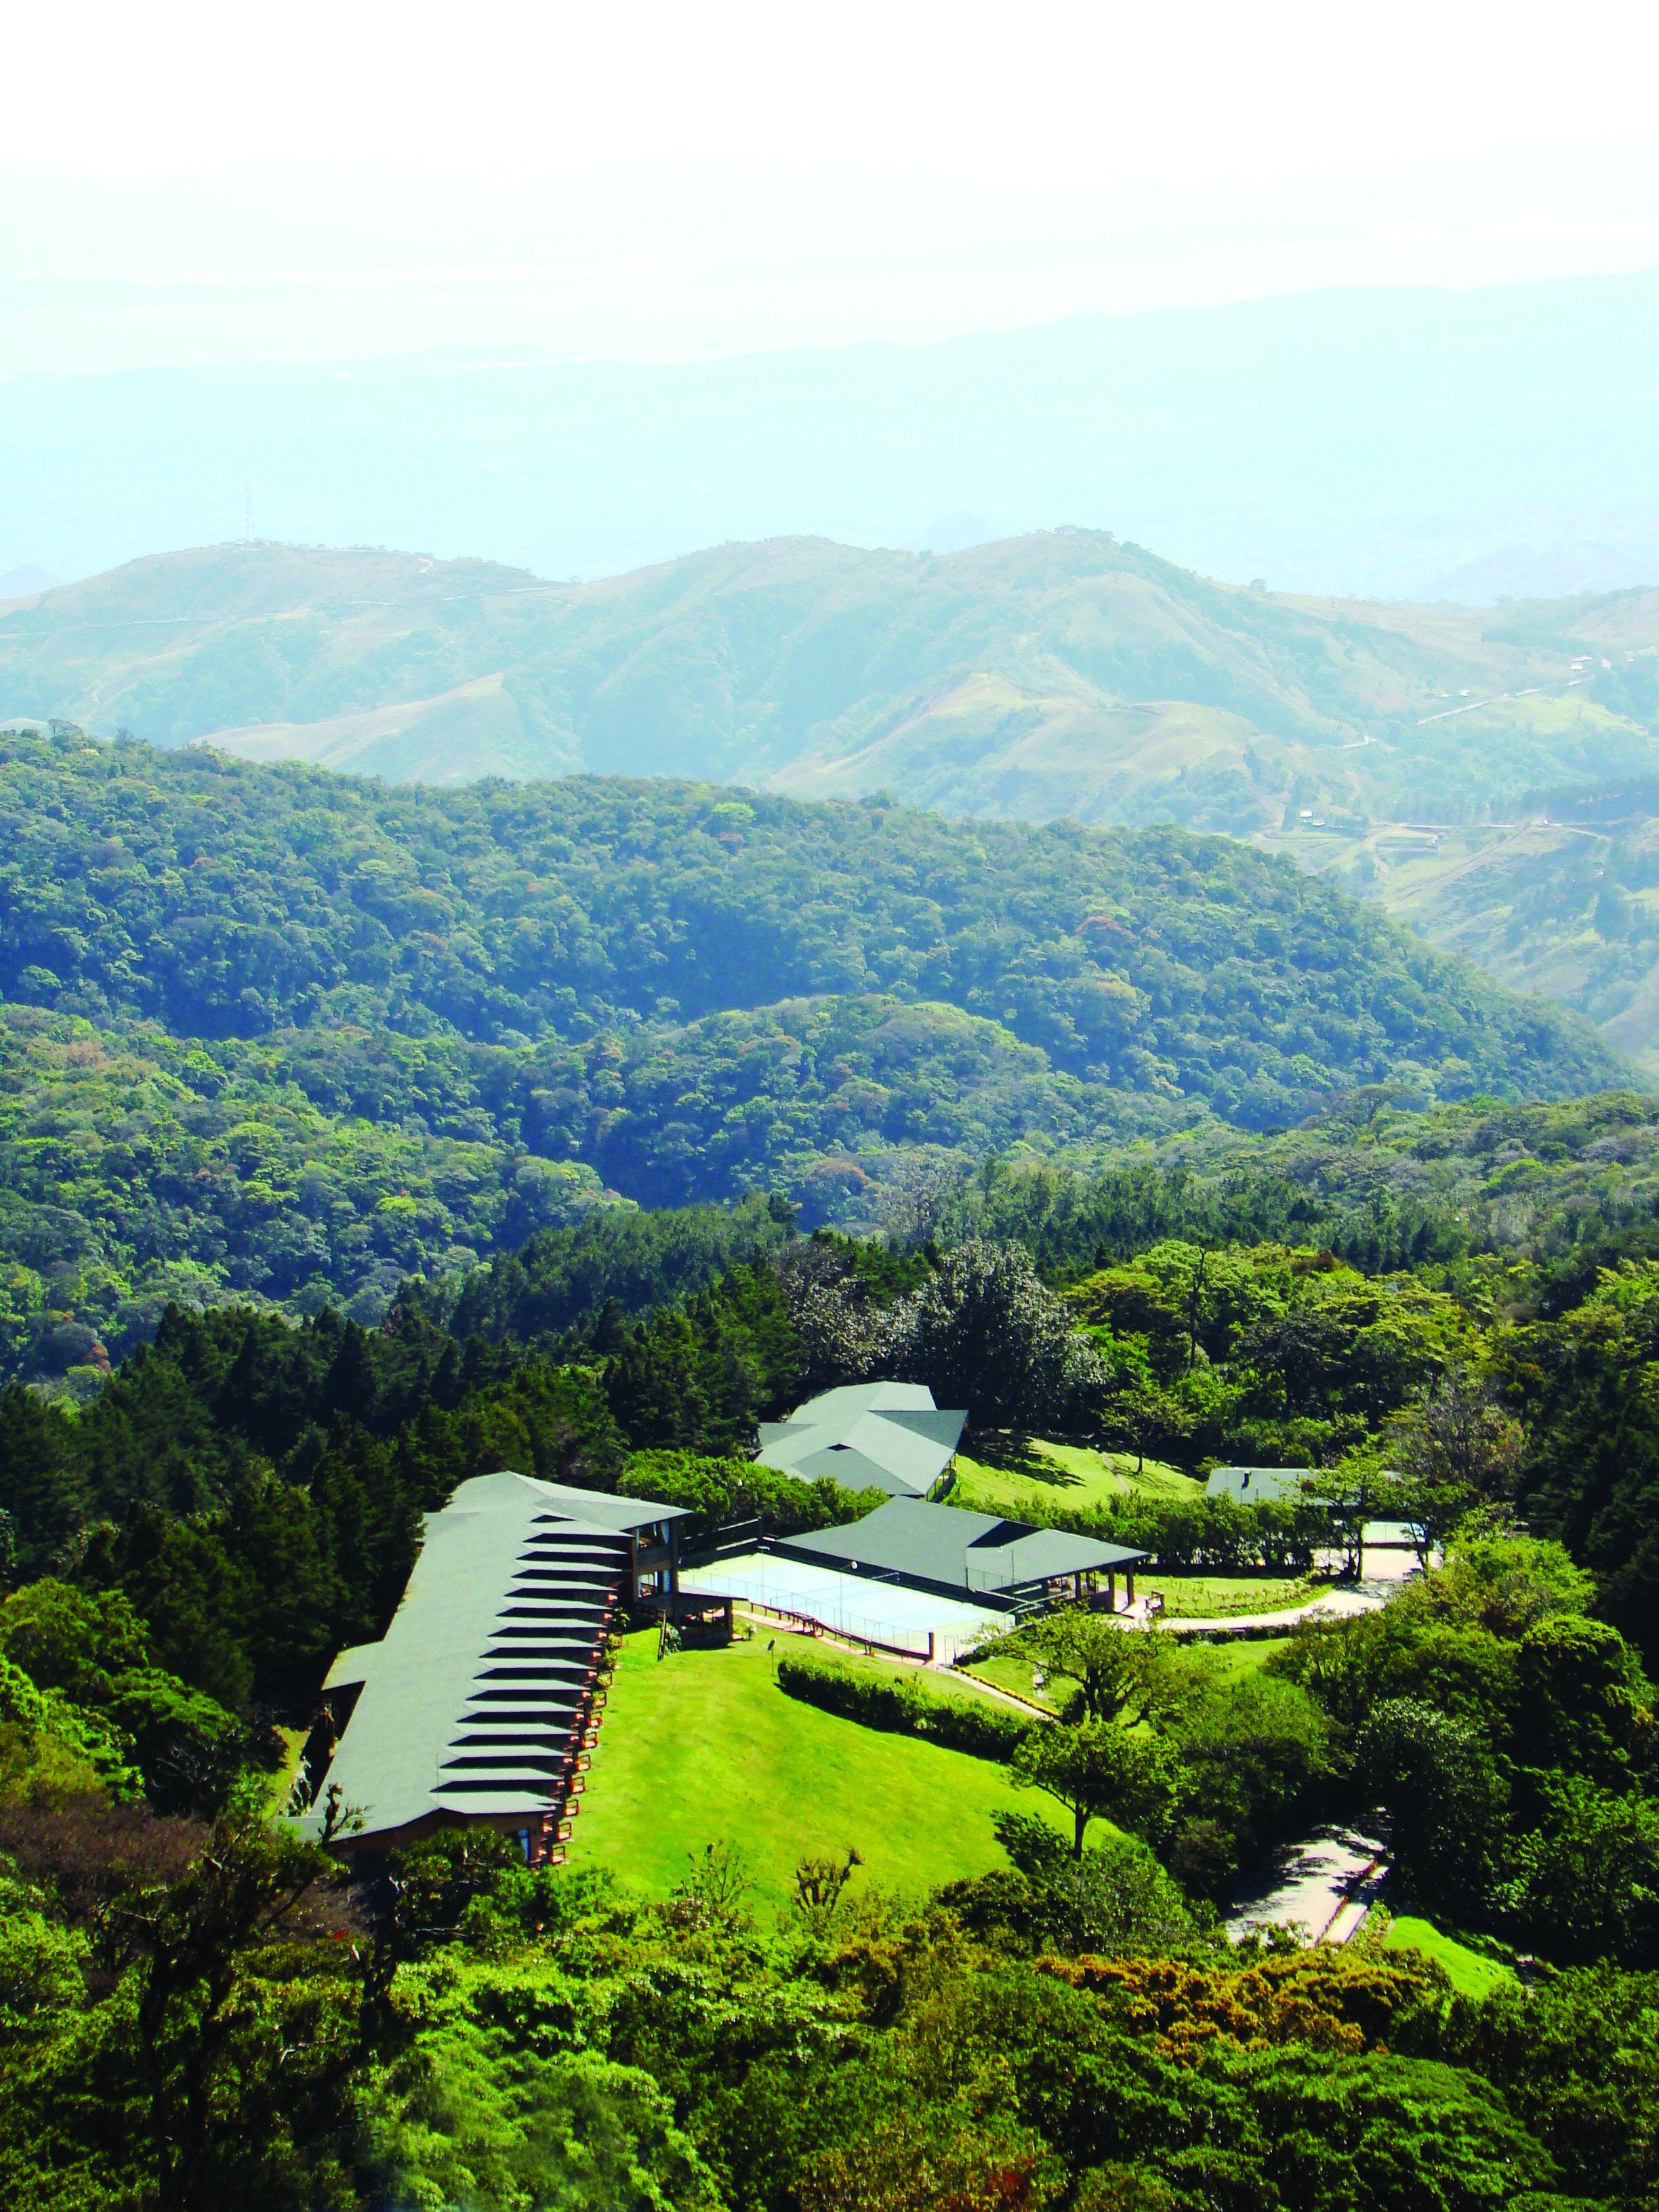 El Establo Mountain Hotel aerial view. Monteverde, Costa Rica.